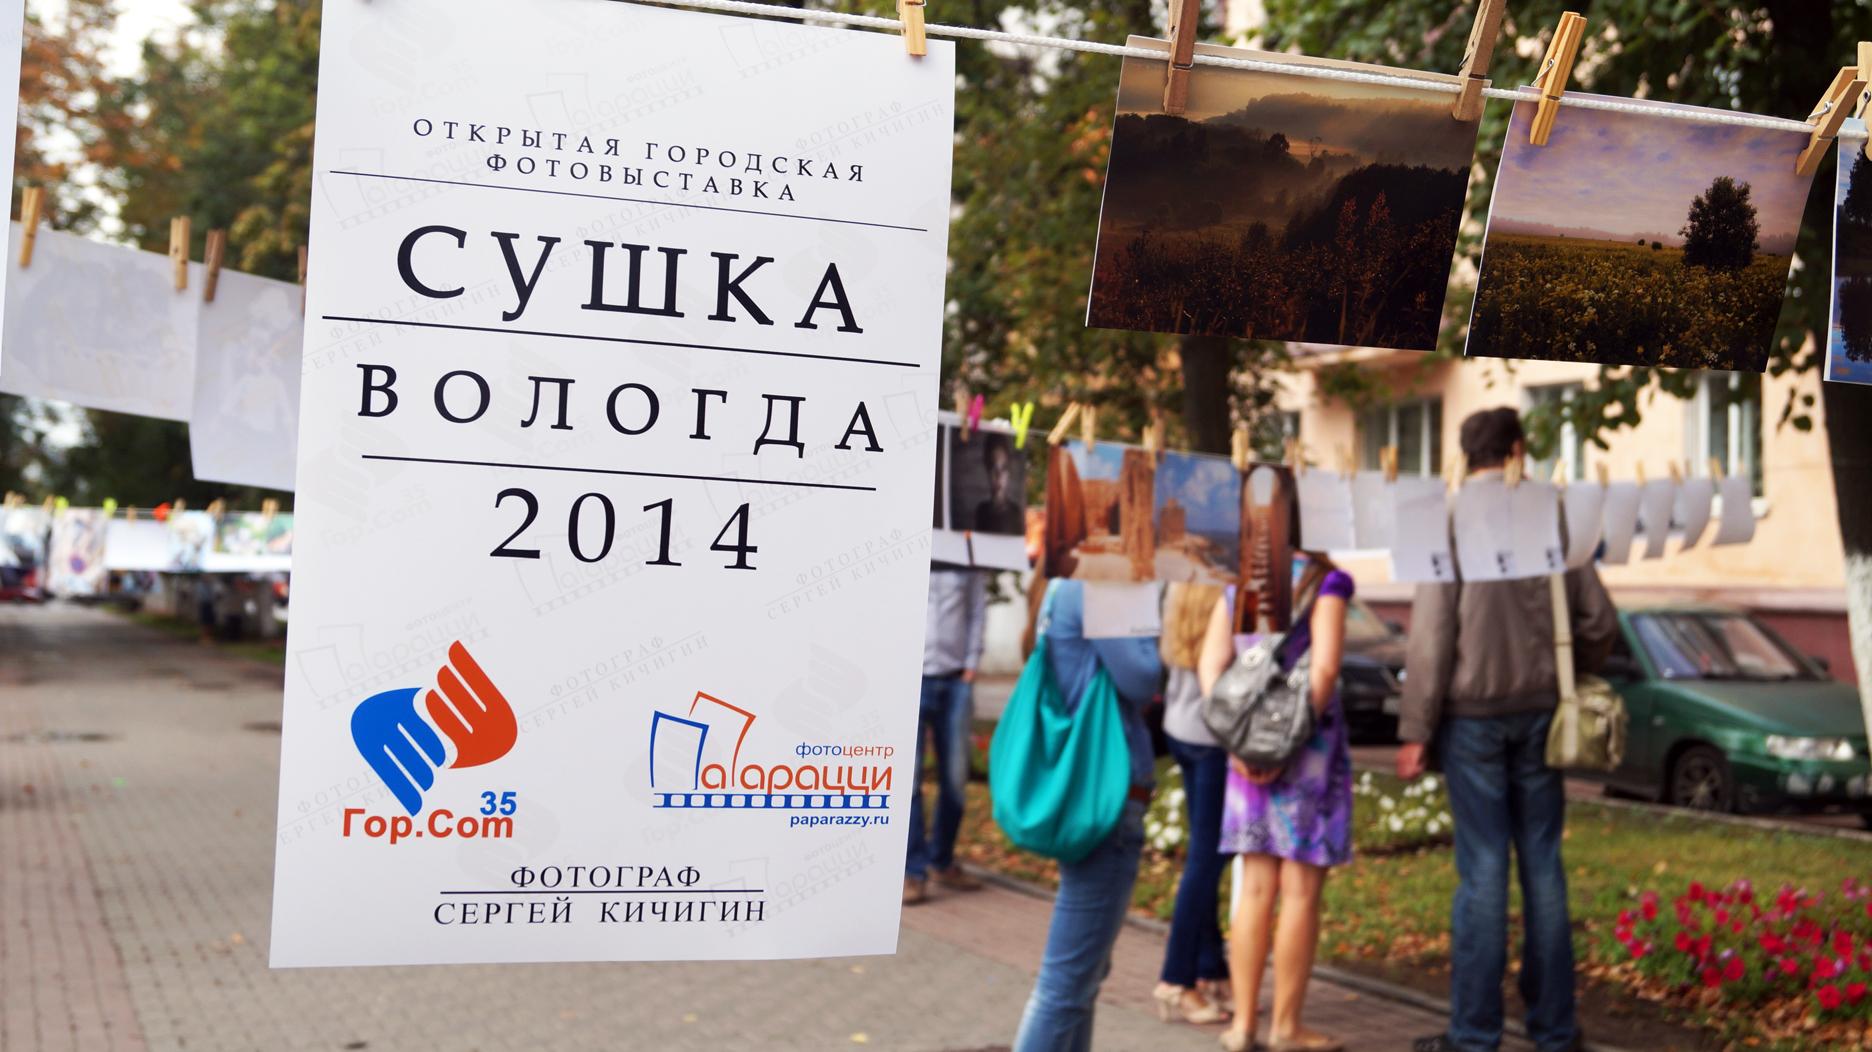 Горожане вывесили свои фотографии в центре Вологды